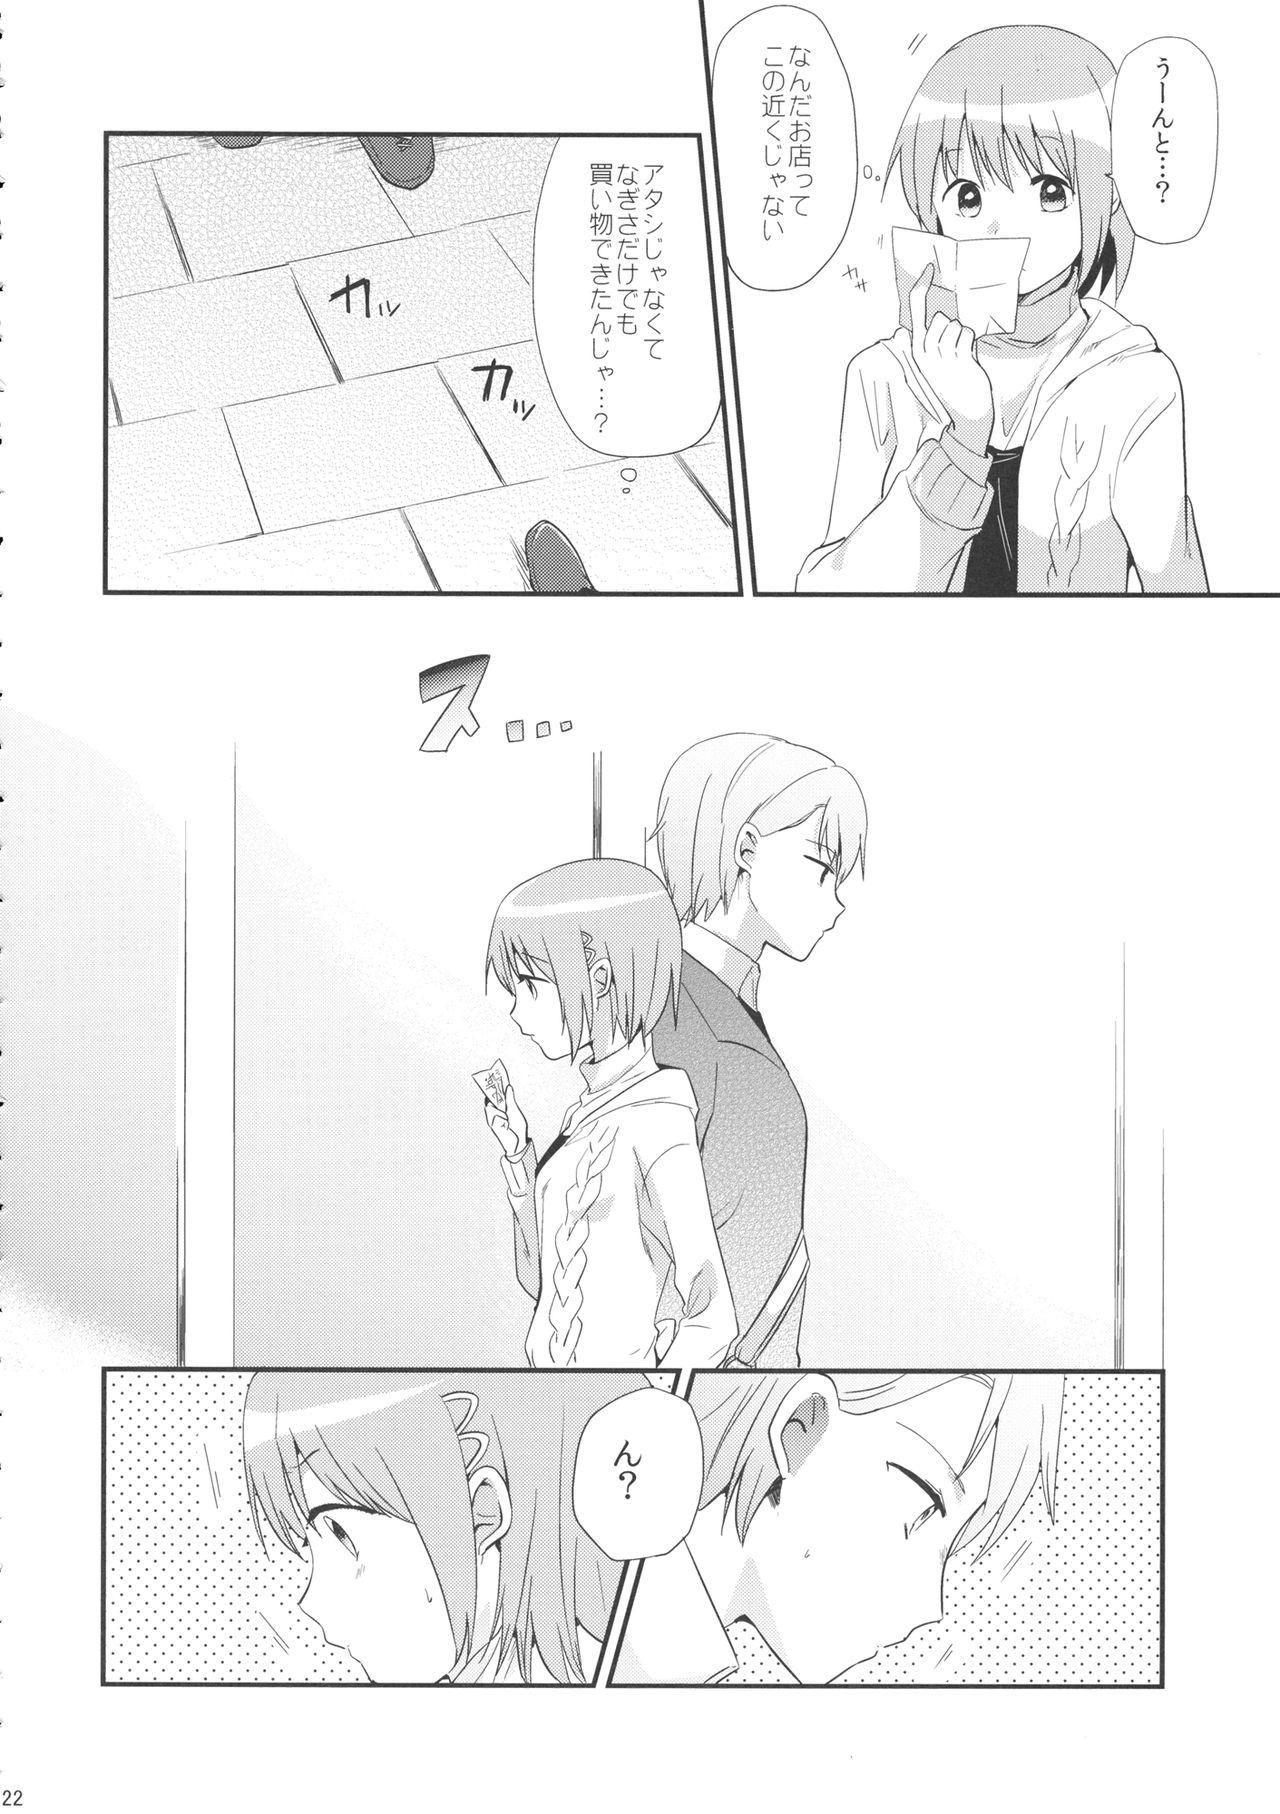 if Kanzenban 20